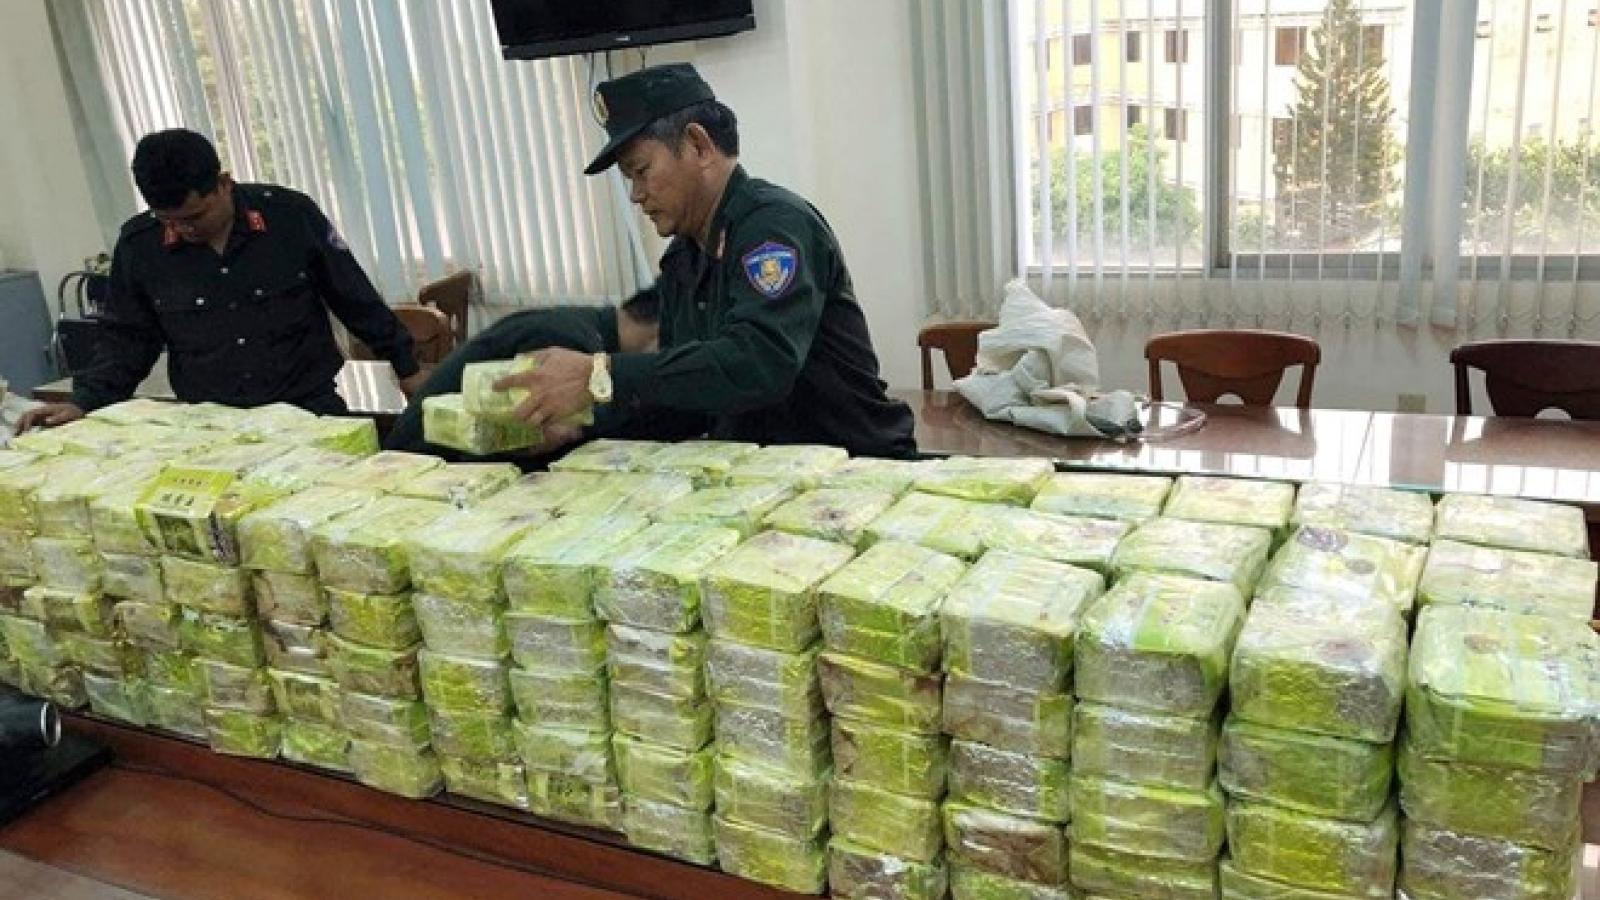 Major drug trafficking ring busted, 300kg of drugs seized